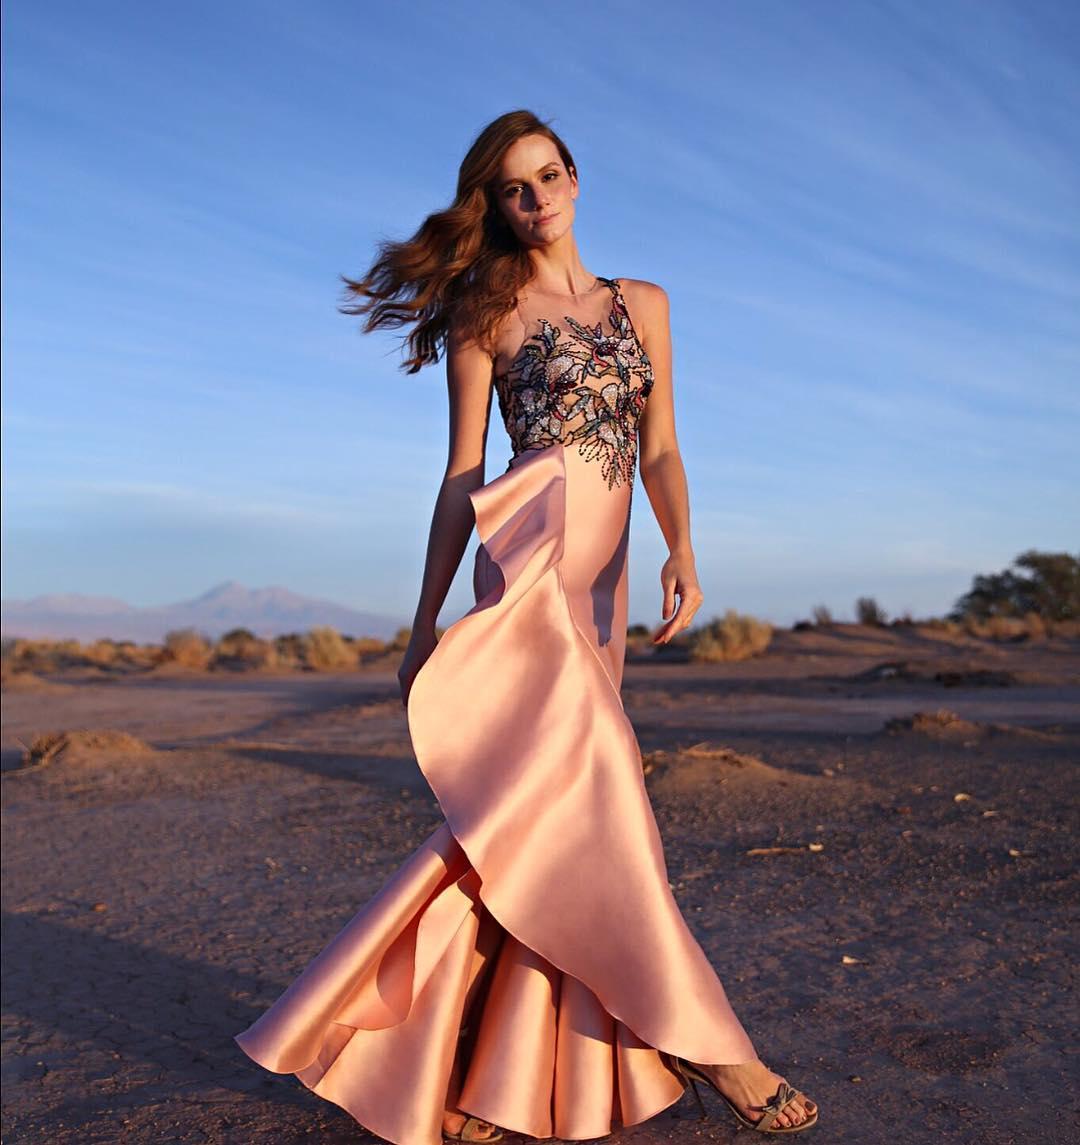 1613158077 339 32 inspiraciones de vestidos de oro rosa llenas de elegancia - 32 Inspiradores vestidos rosas llenos de elegancia y estilo